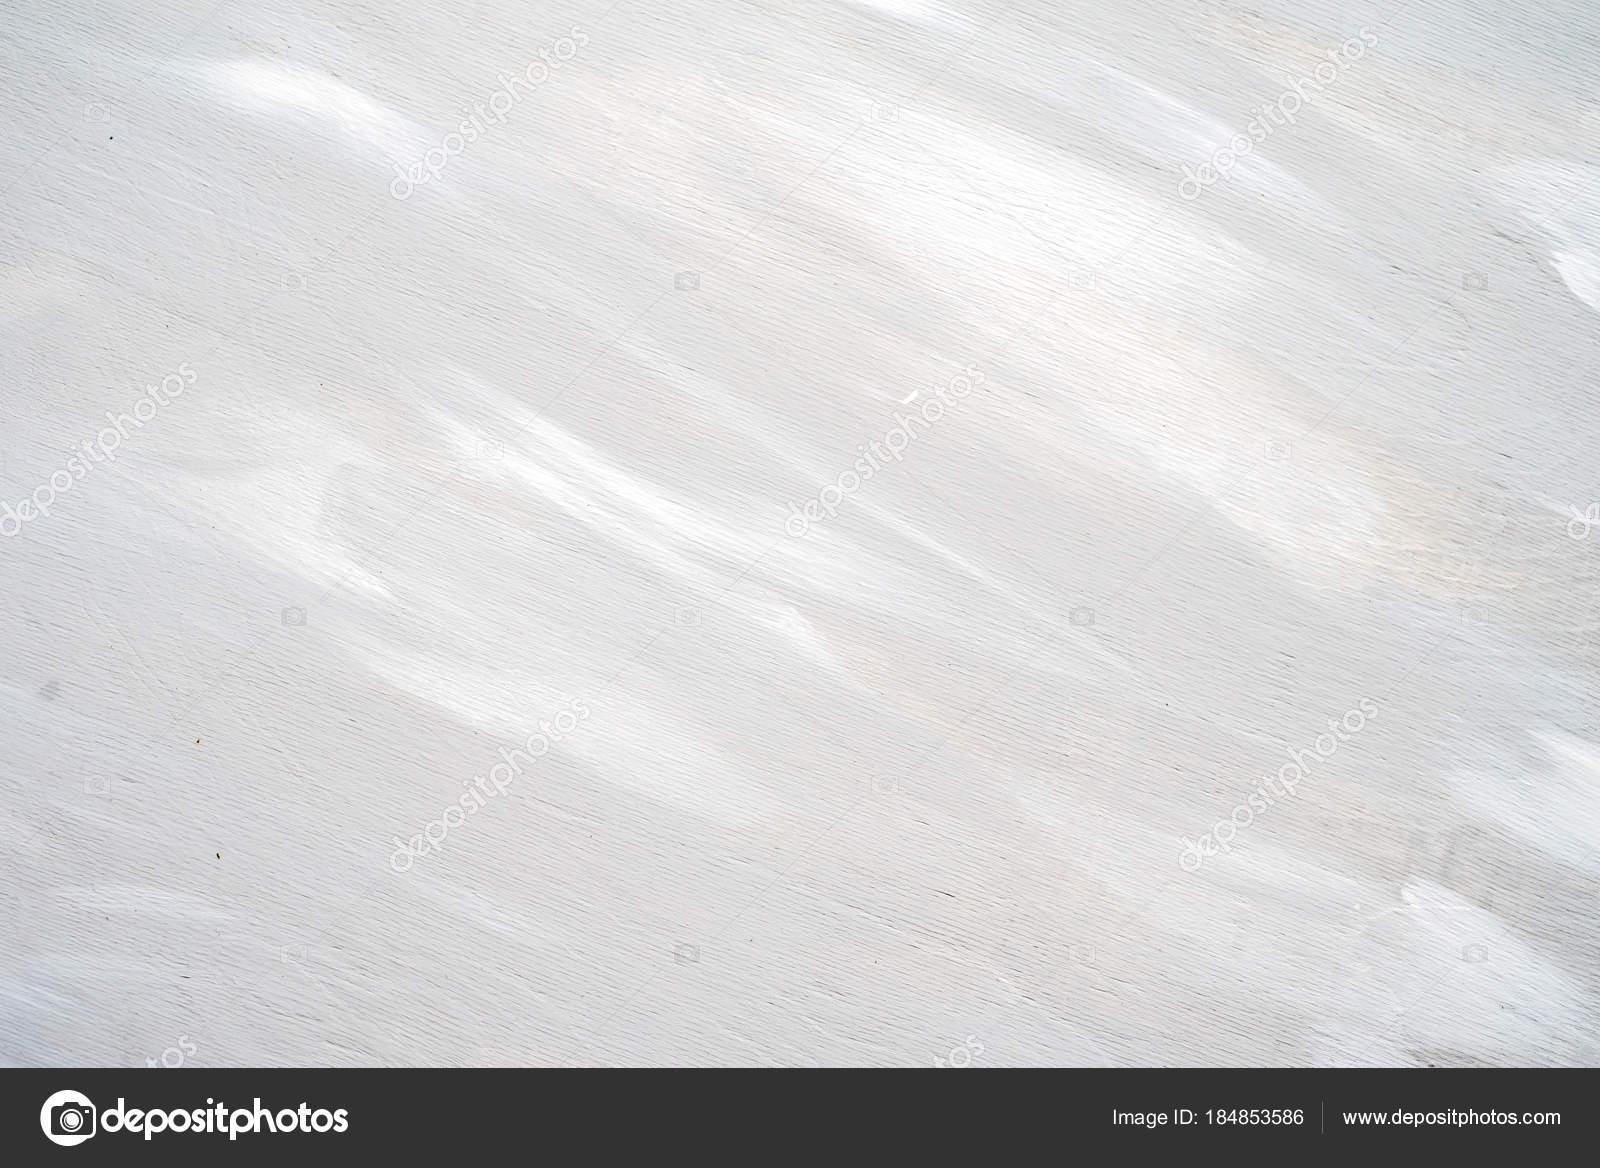 Fantastisch Zusammenfassung Hintergrund Holz Pinselstriche Der Farbe Grau Und Weiß Farbe  U2014 Stockfoto